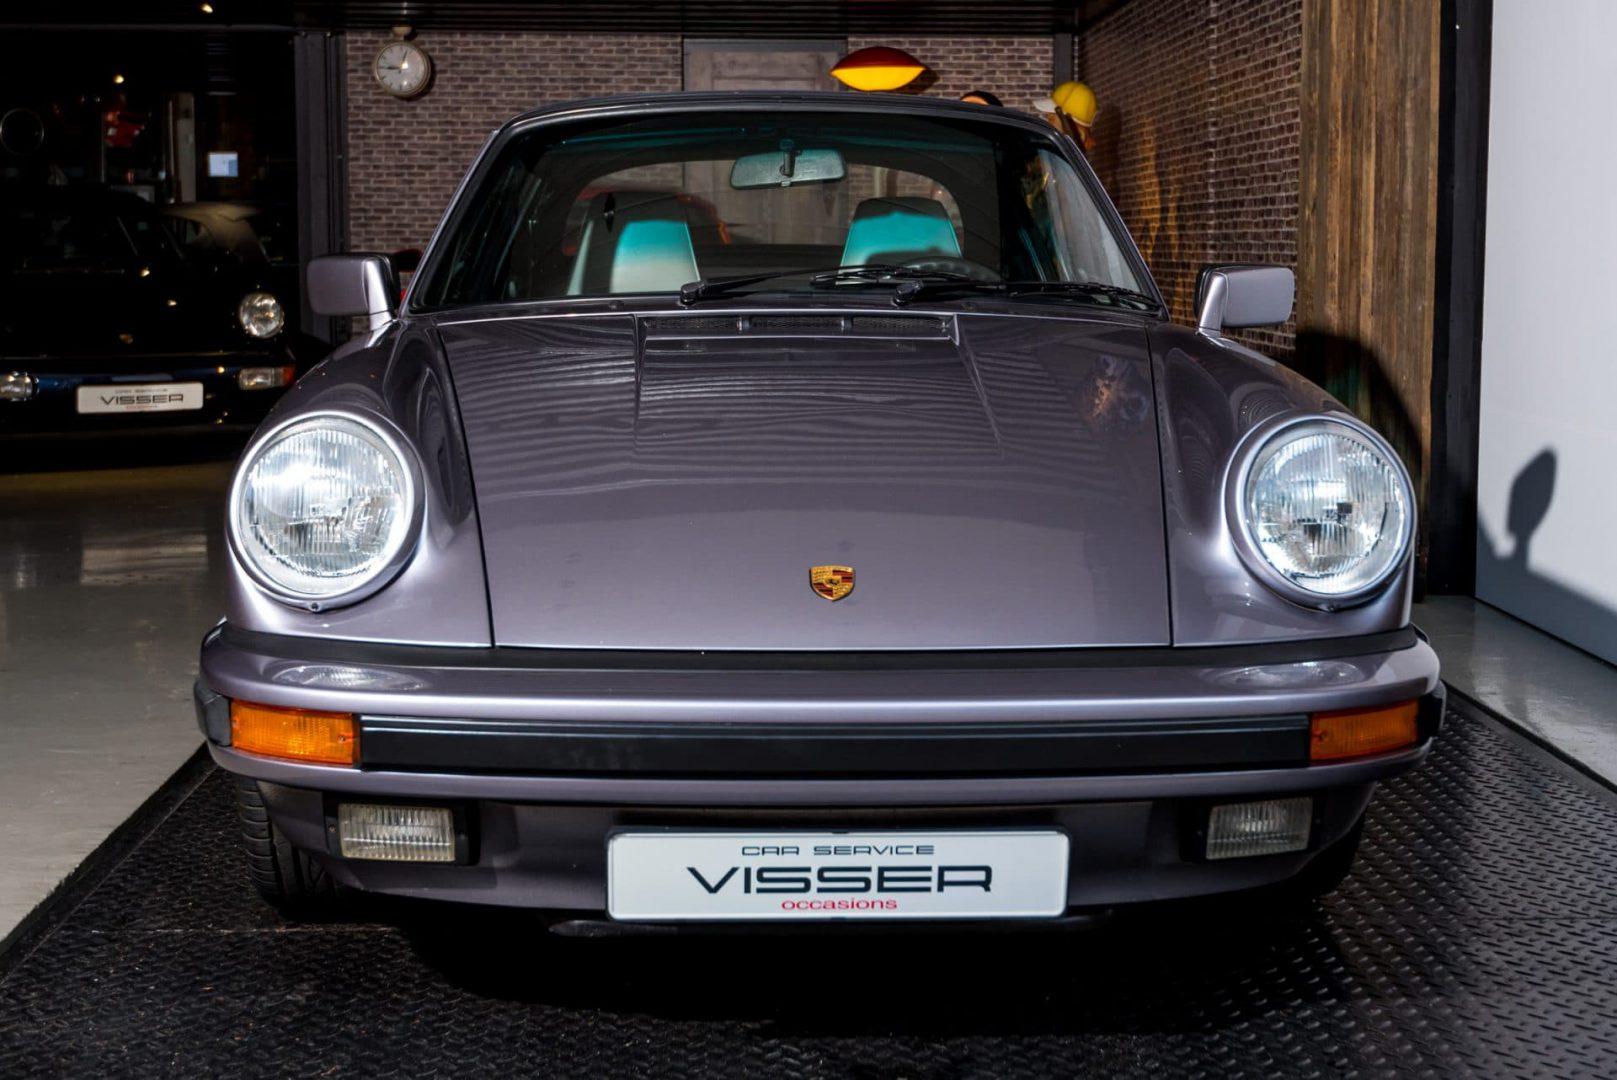 Porsche 911 3.2 handgeschakelde Cabriolet Diamantblau Metallic